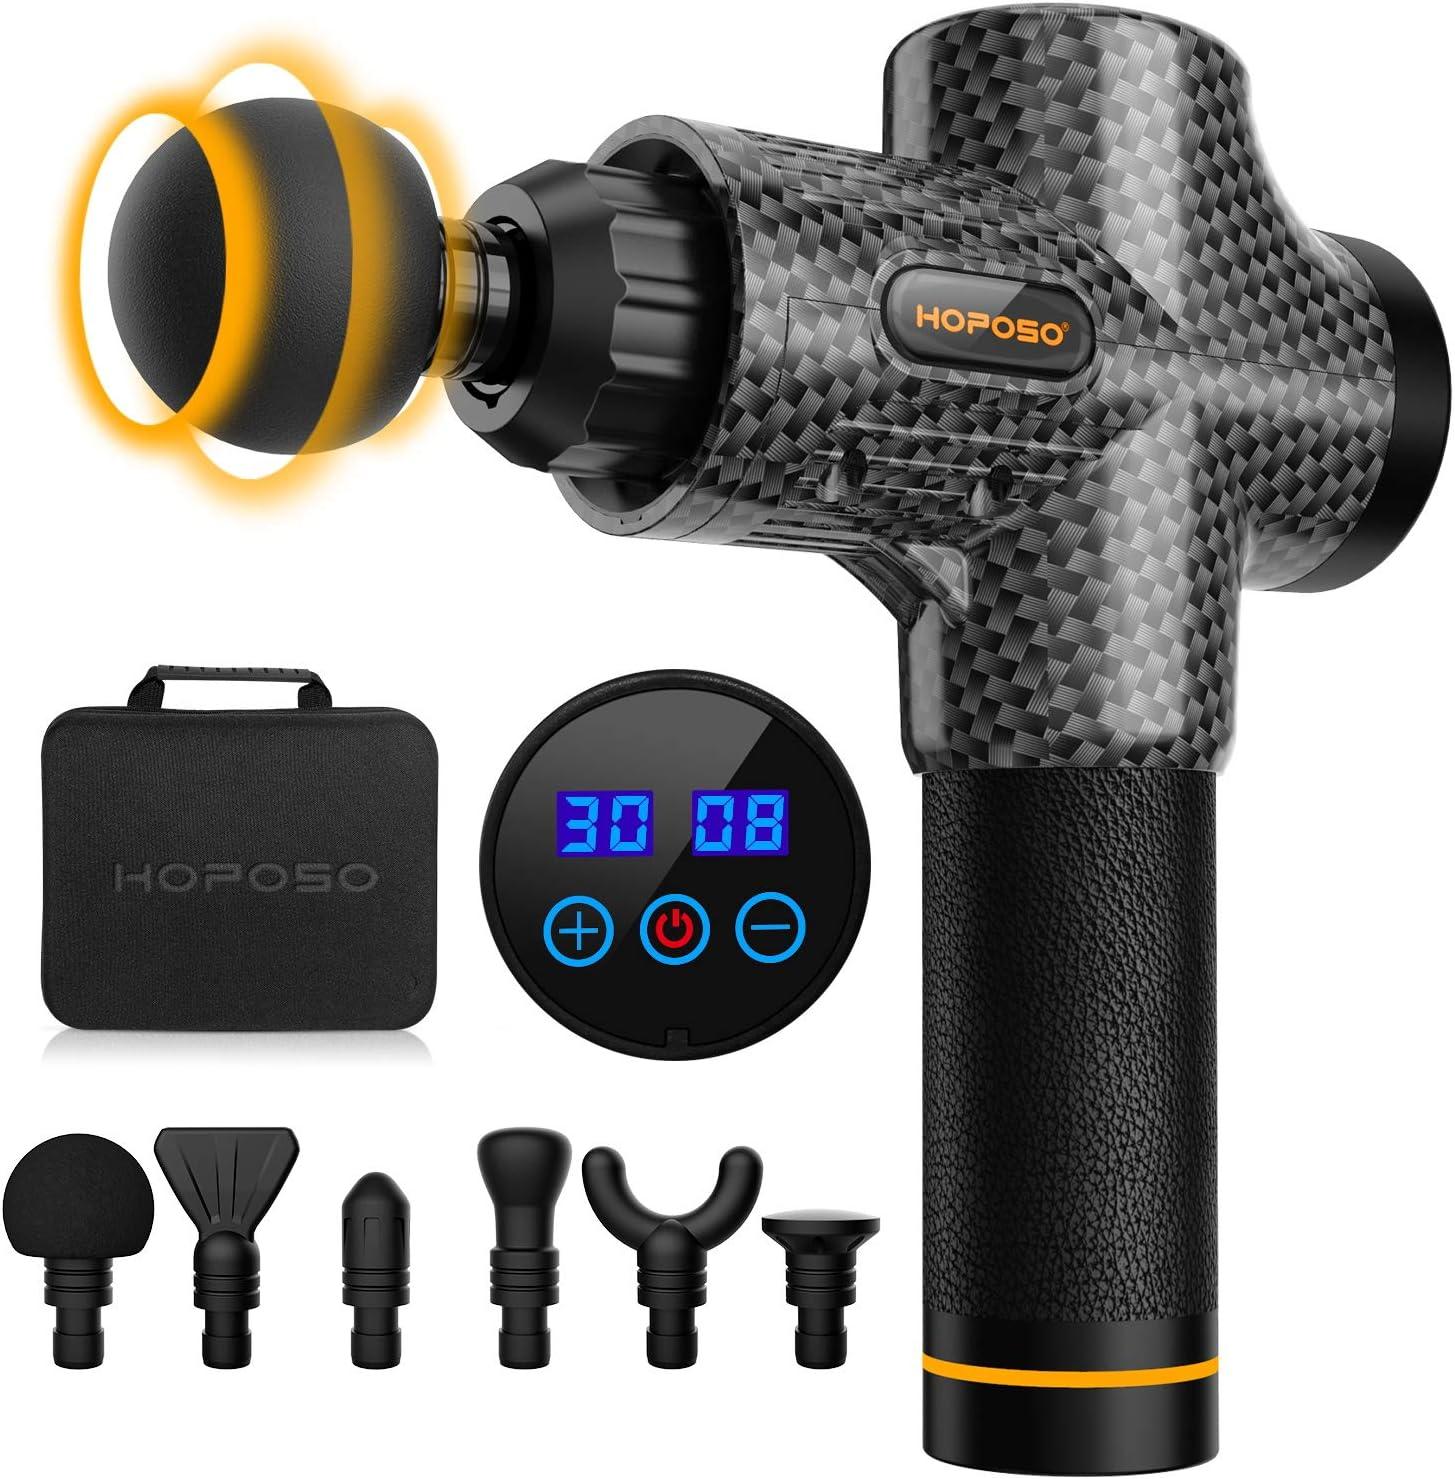 Pistola de masaje eléctrica con 30 velocidades, 6 cabezales de masaje, pantalla LCD táctil, pistola de masaje (Negro carbón)